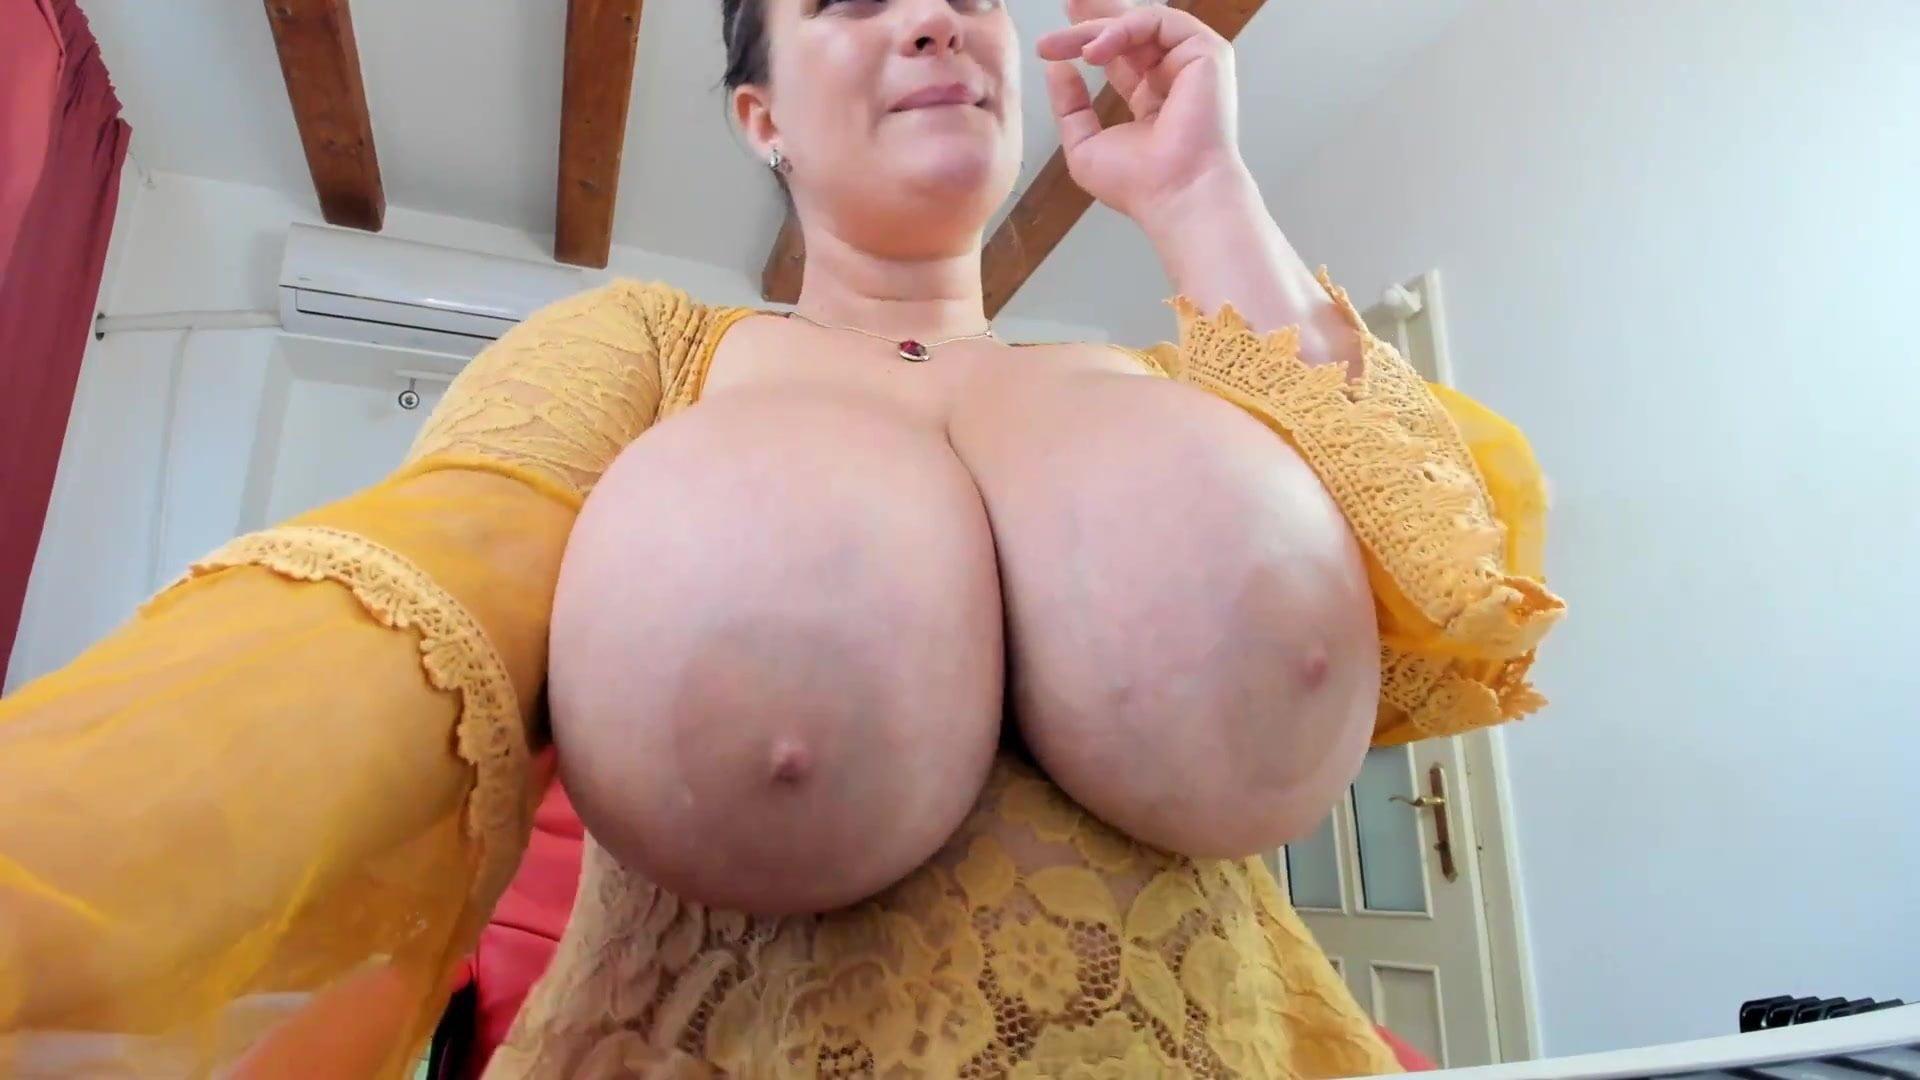 nagy mellbimbó szex videók